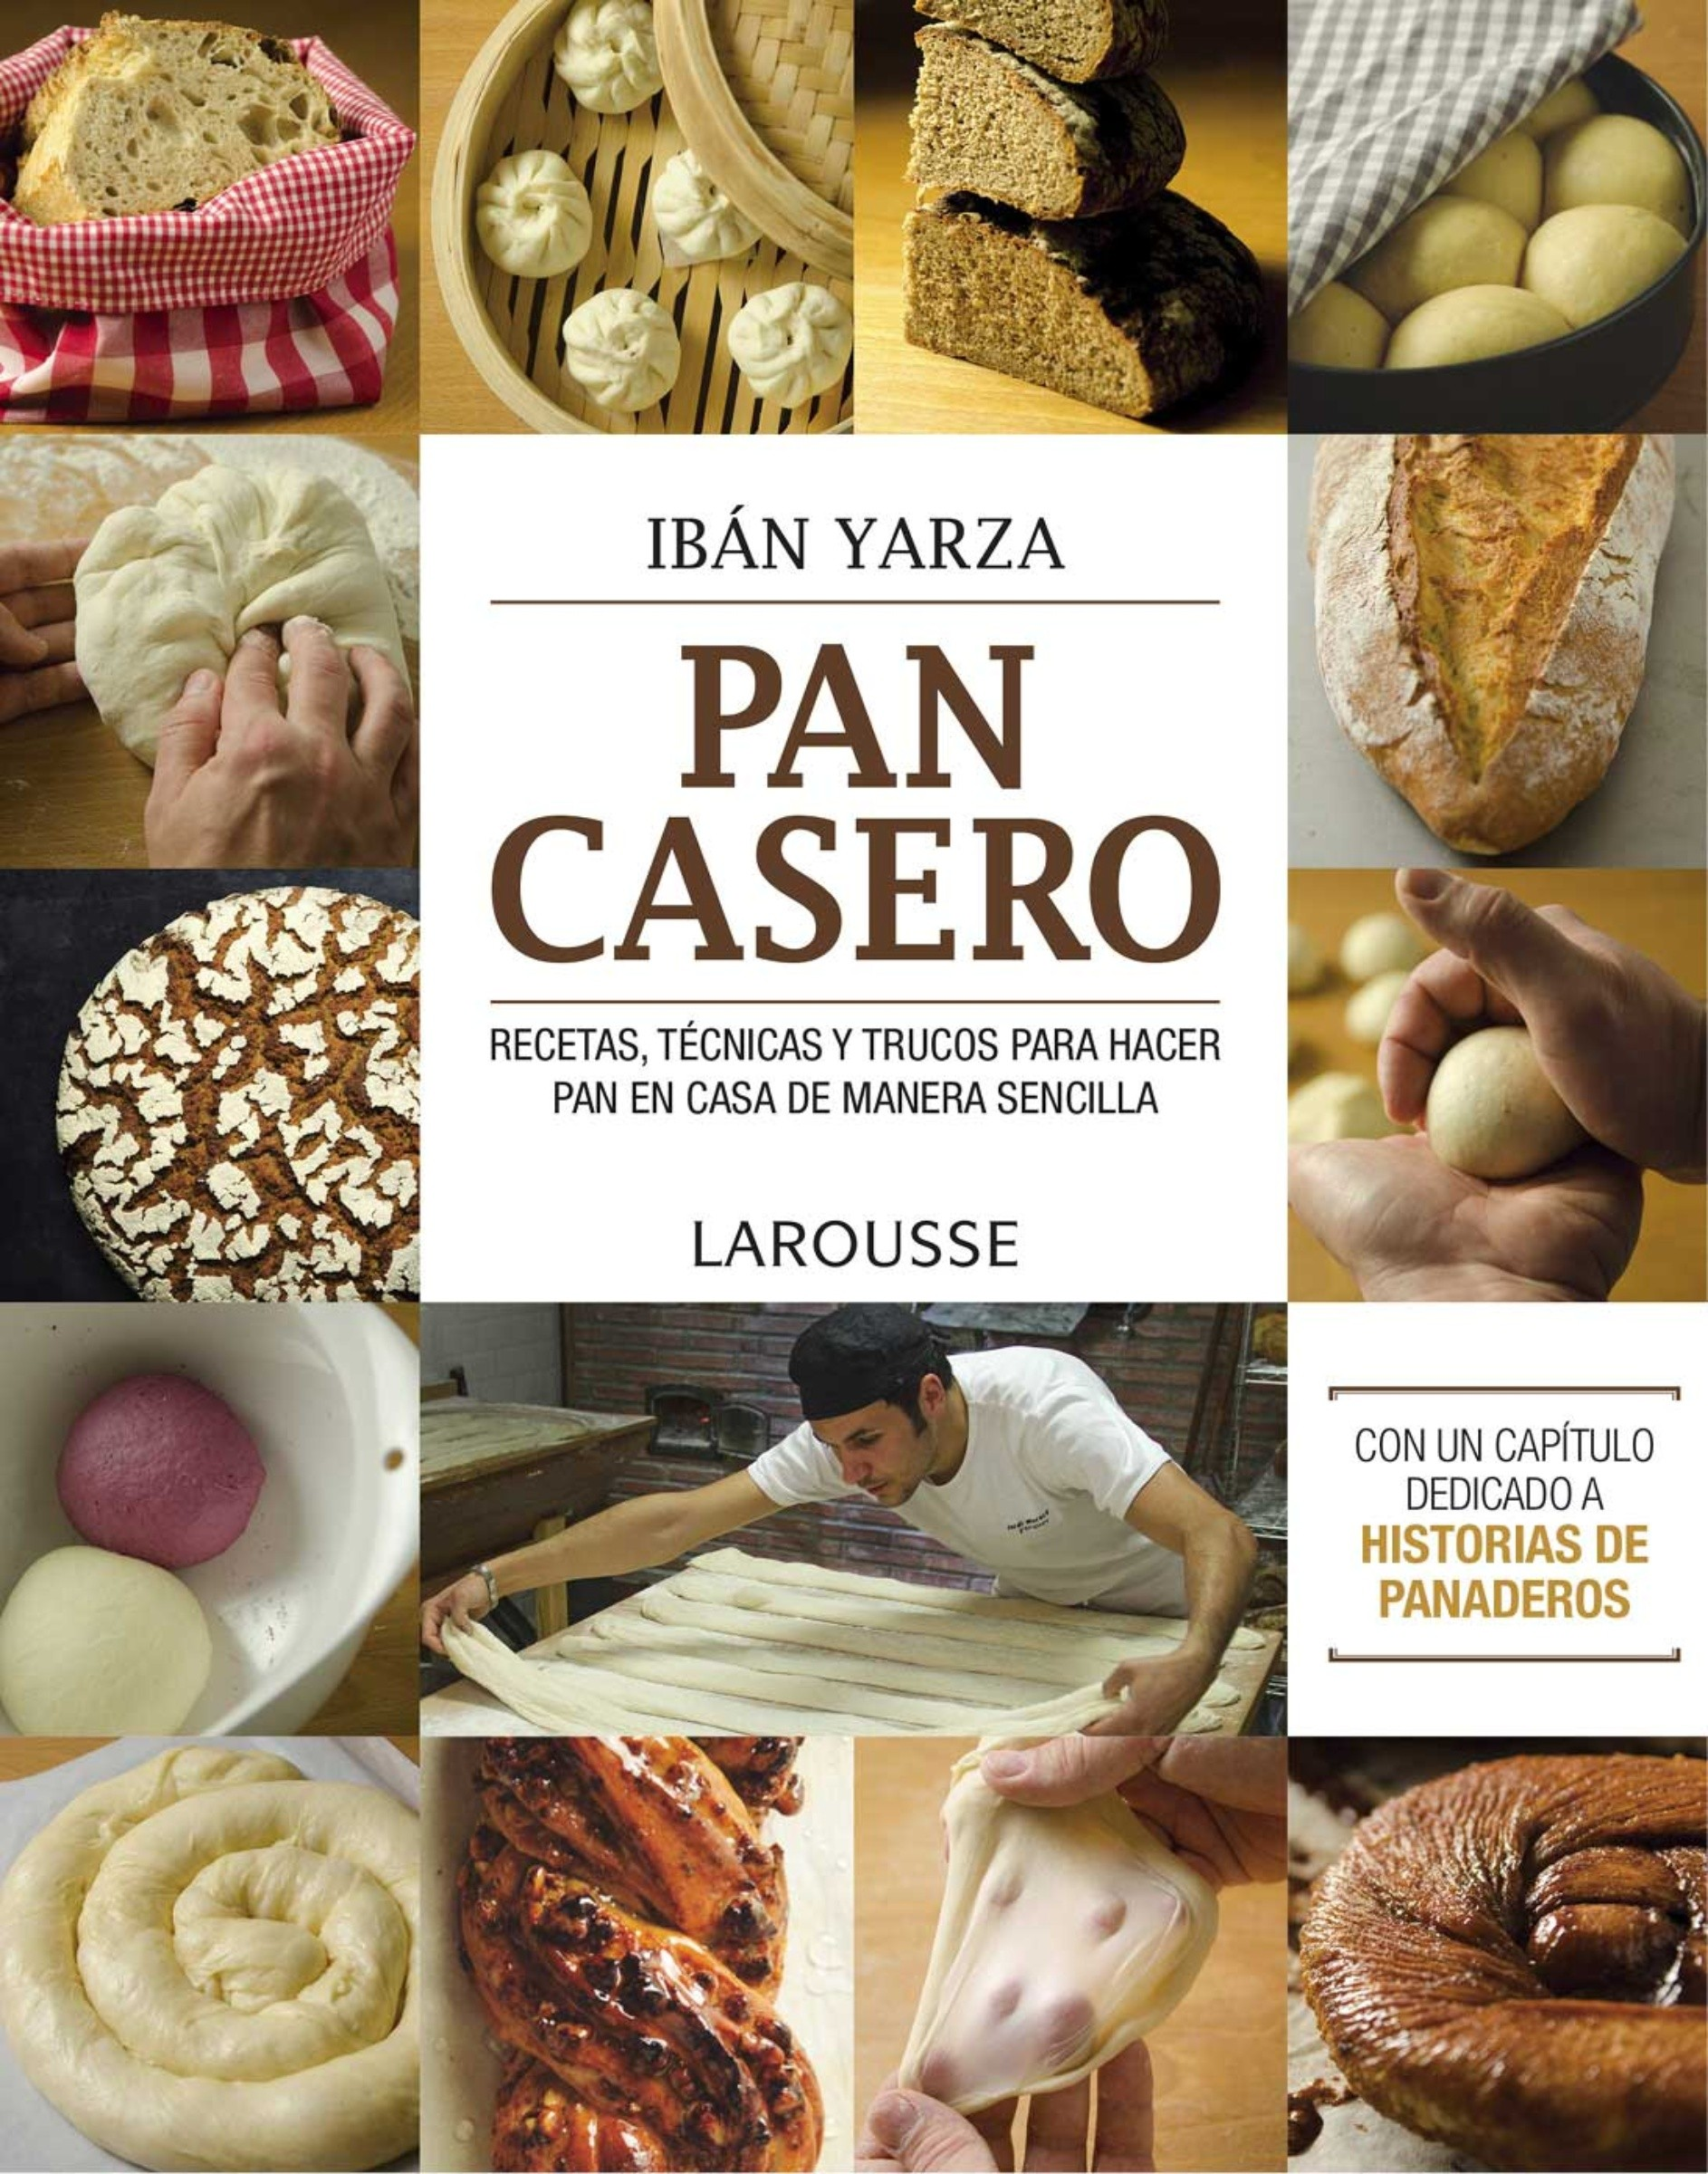 Pan Casero de Ibán Yarza